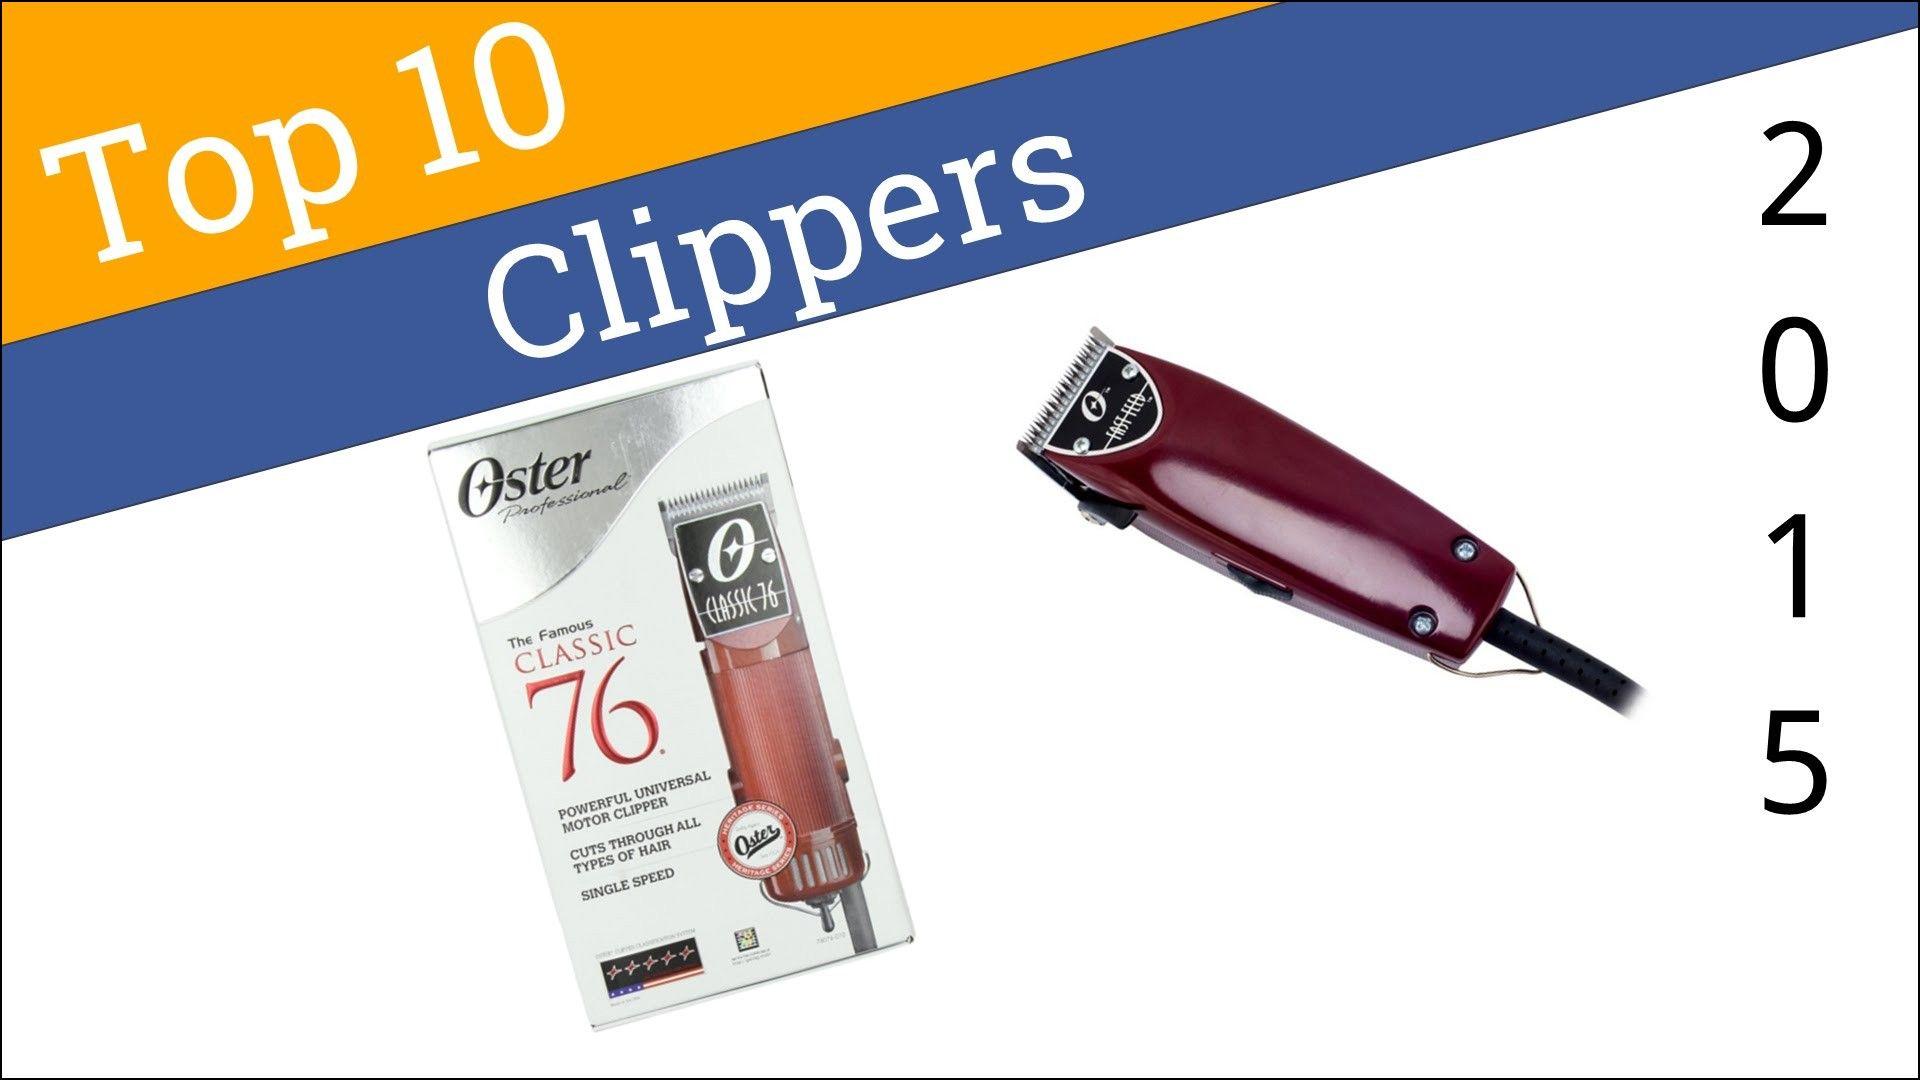 Mens haircut st louis best haircut clippers  hairstyles ideas  pinterest  haircuts